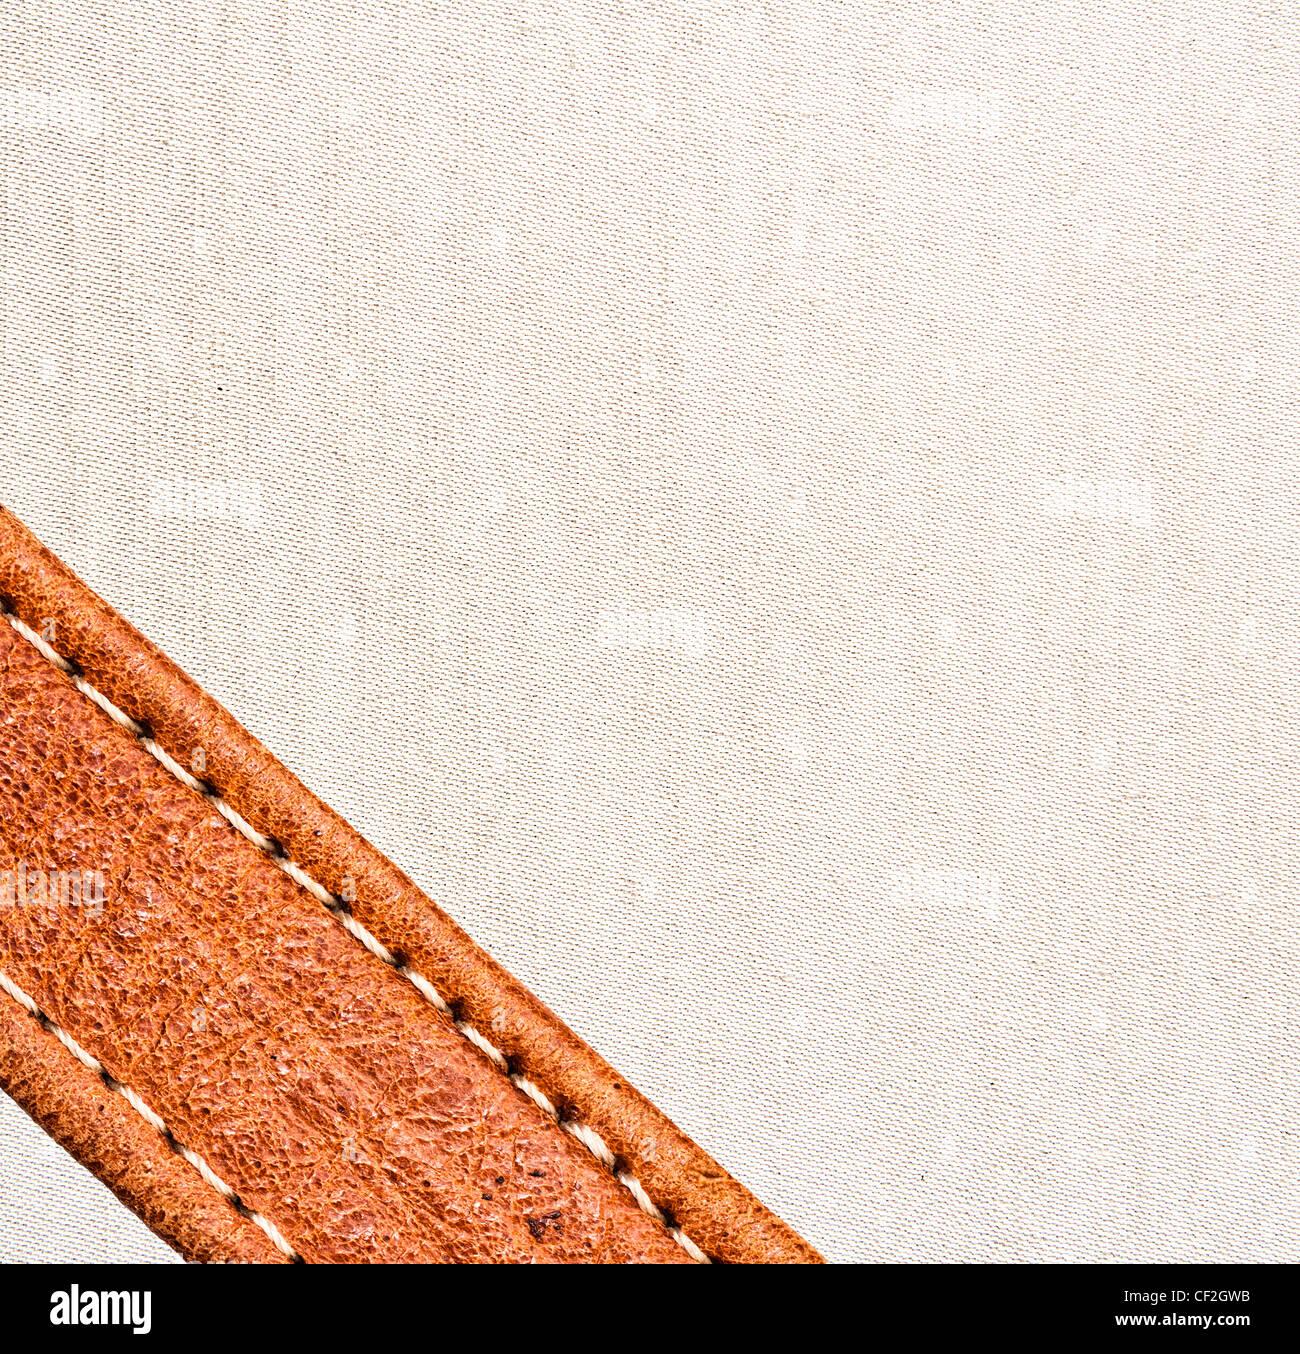 Bild der Leder- und Textilindustrie Hintergrund. Stockbild